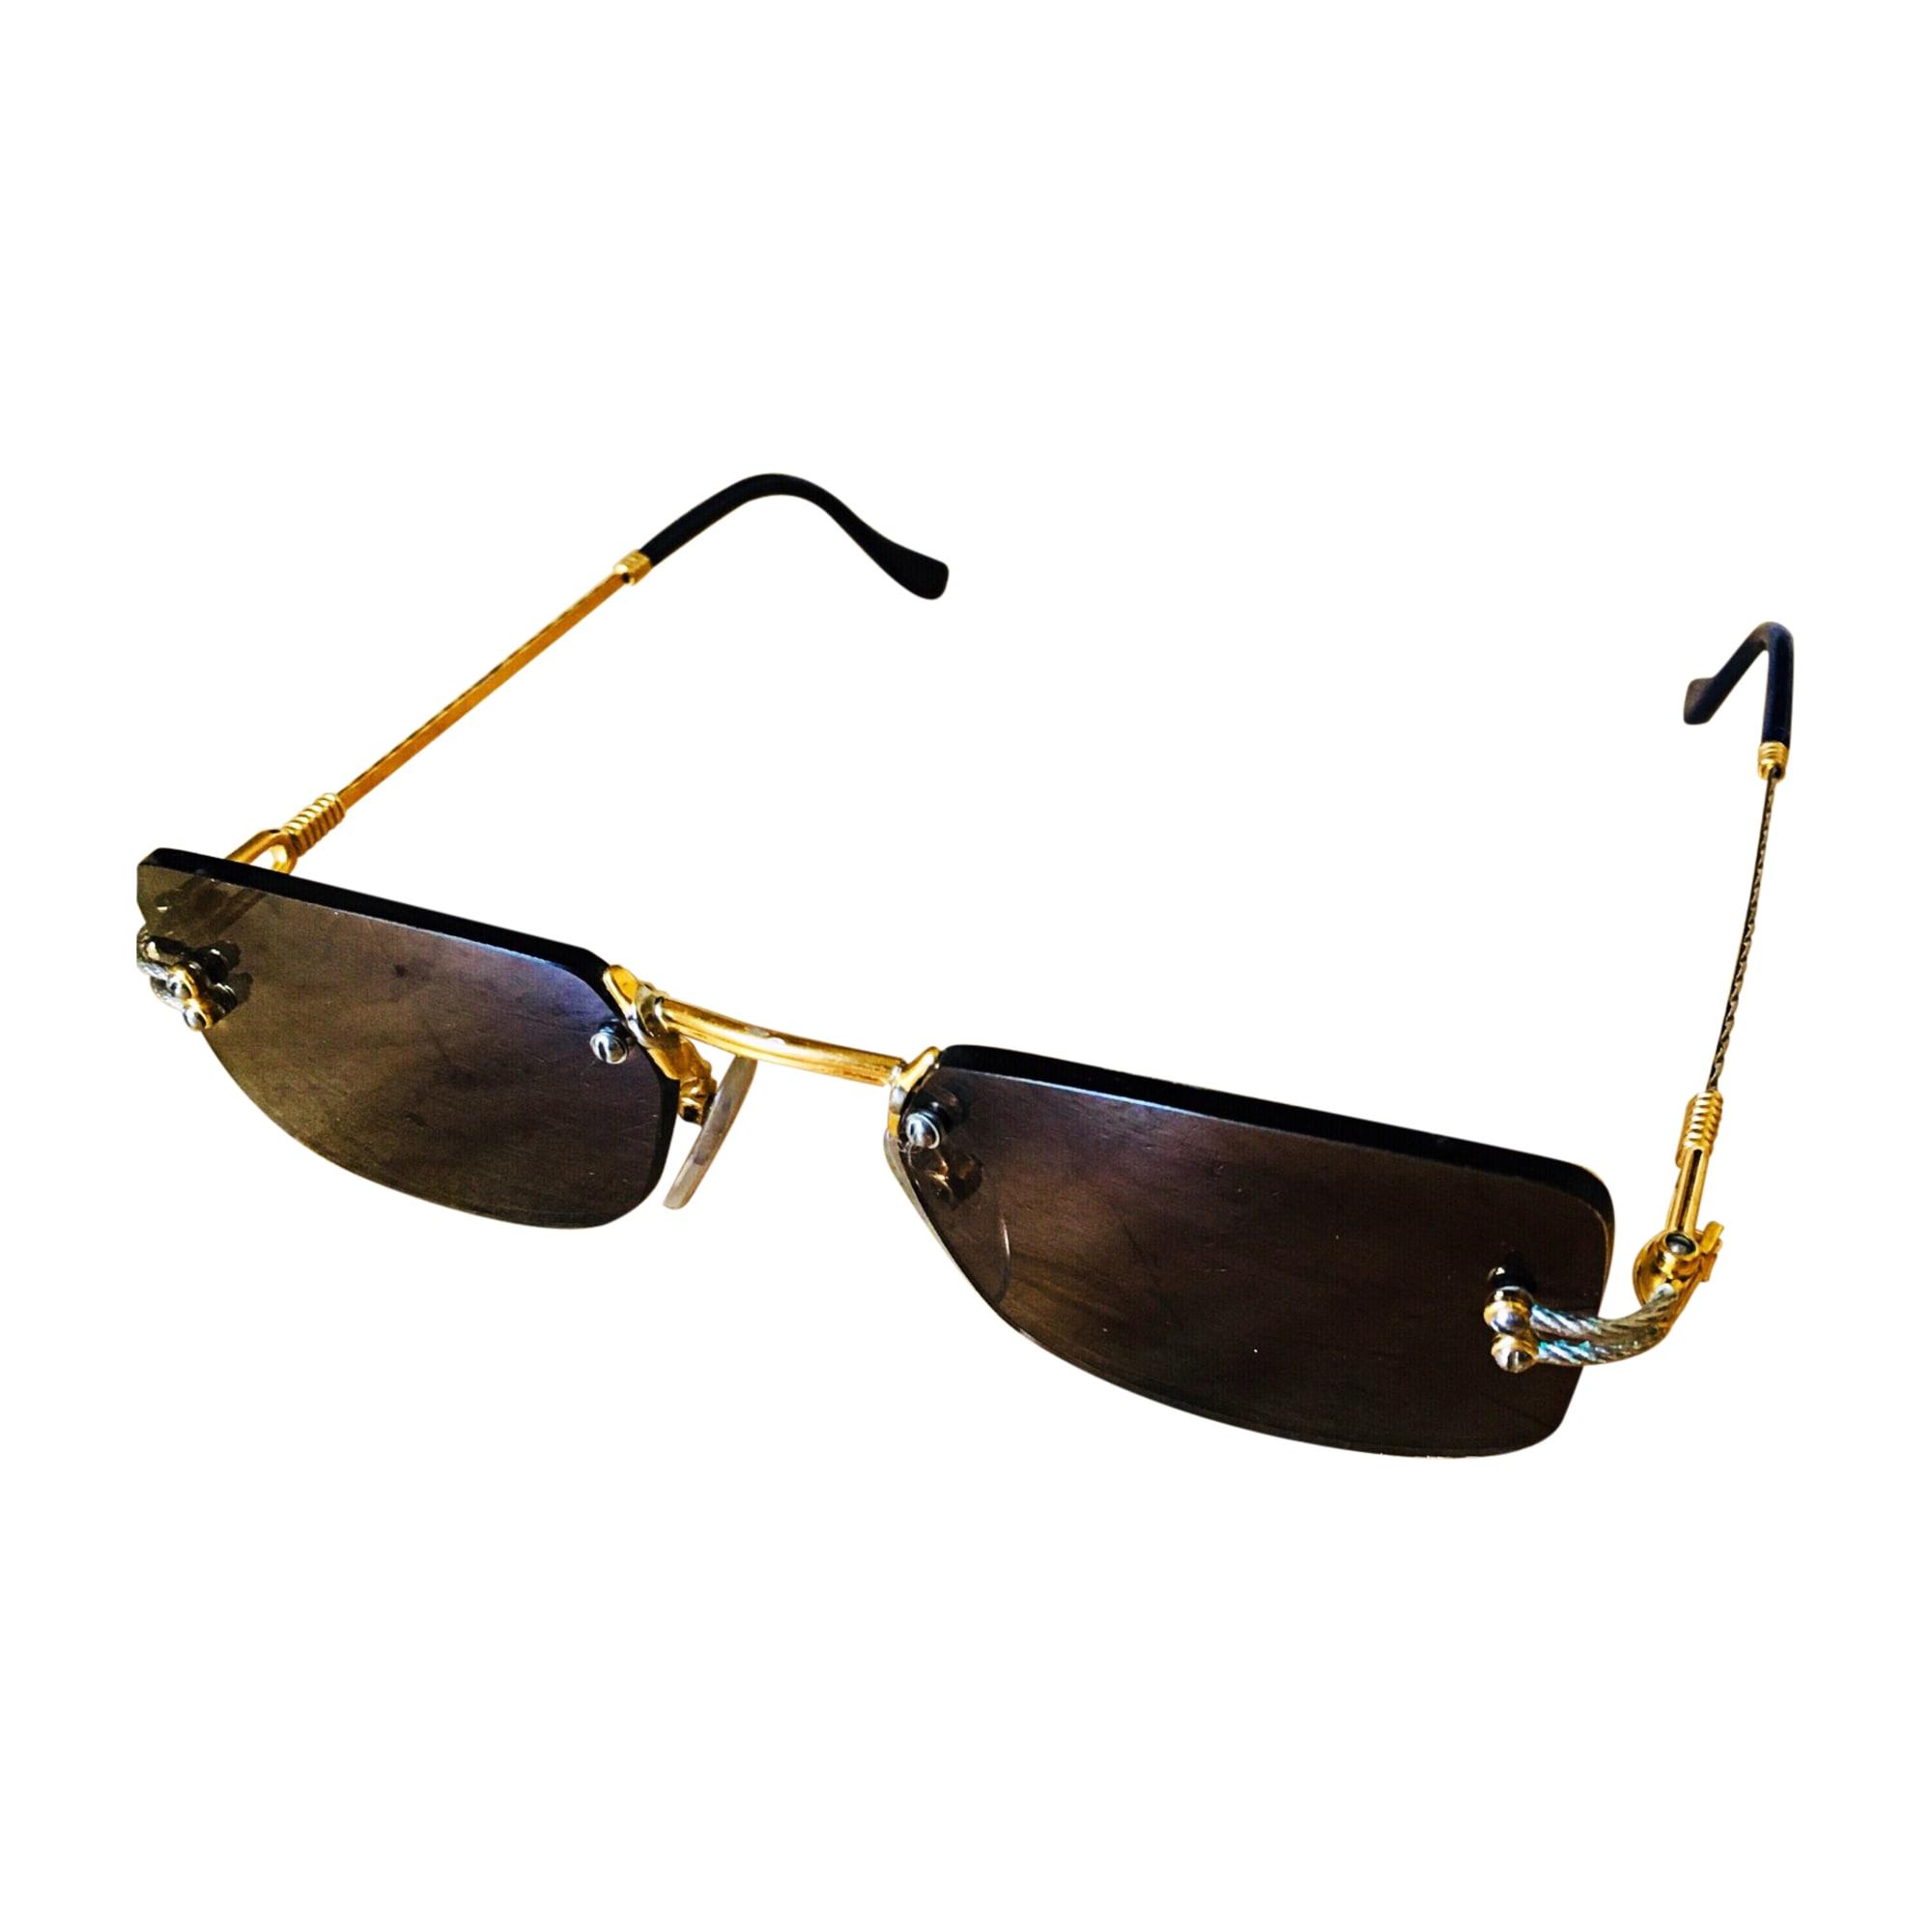 c857c846947 Lunettes de soleil FRED argenté vendu par Frelon75020 - 7694045